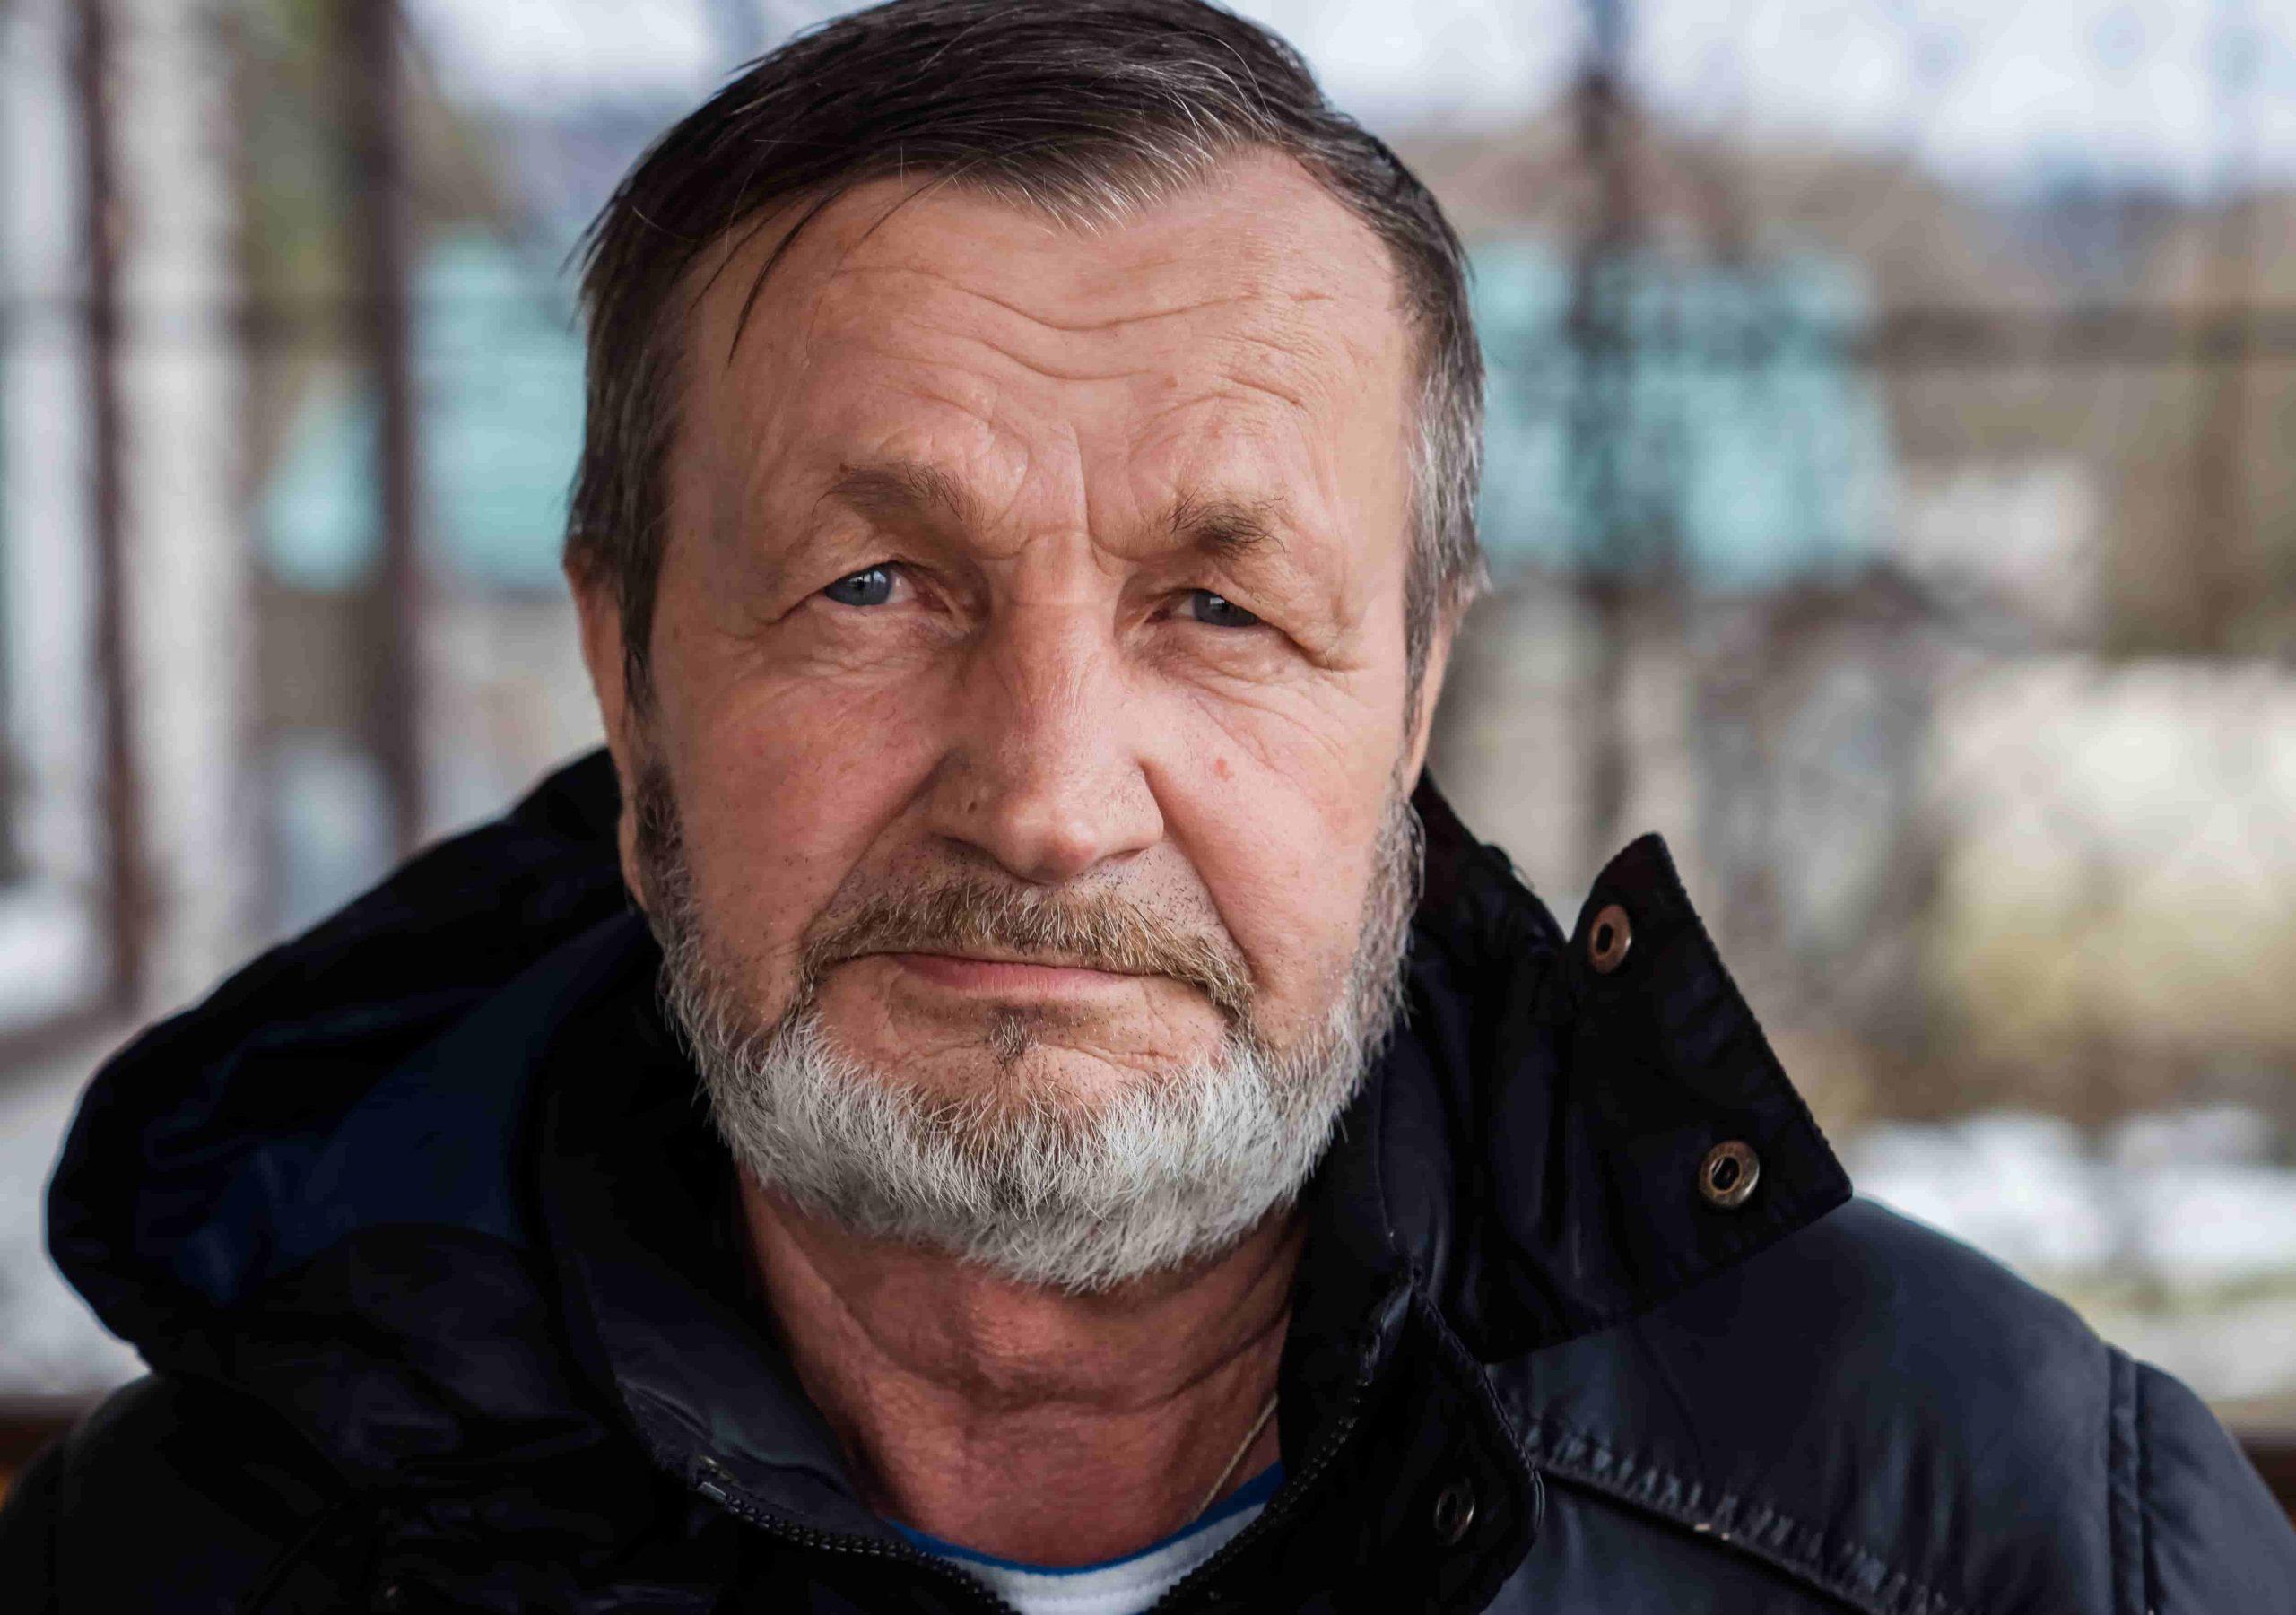 יעקב הרטמן (51) מכפר סבא: